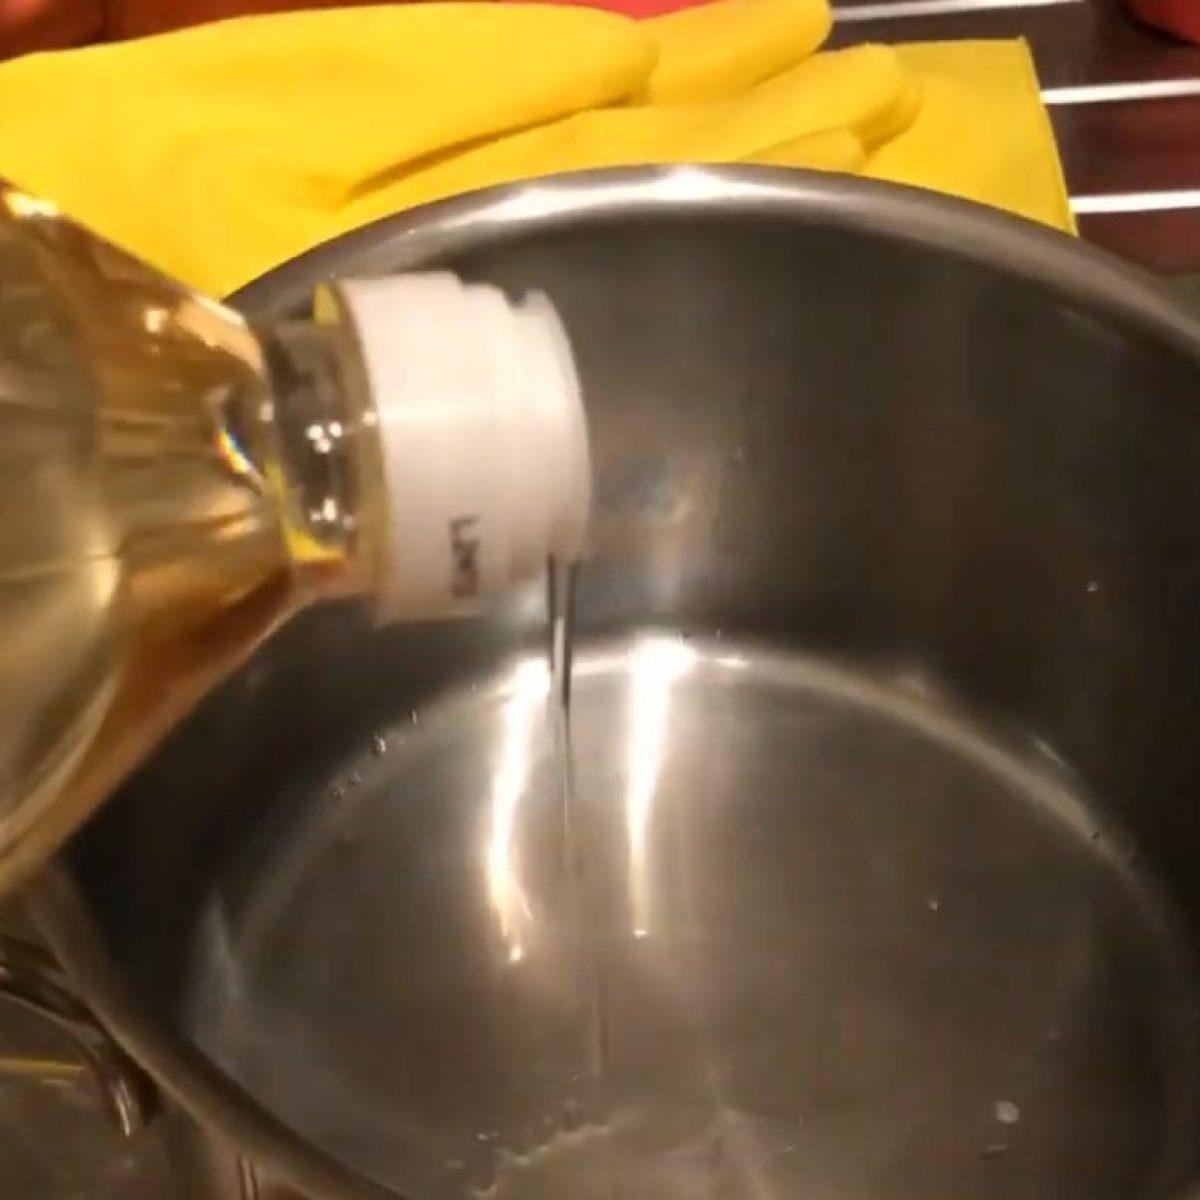 Pulire I Vetri Con Aceto come pulire le pentole in acciaio inox con l'aceto   ohga!